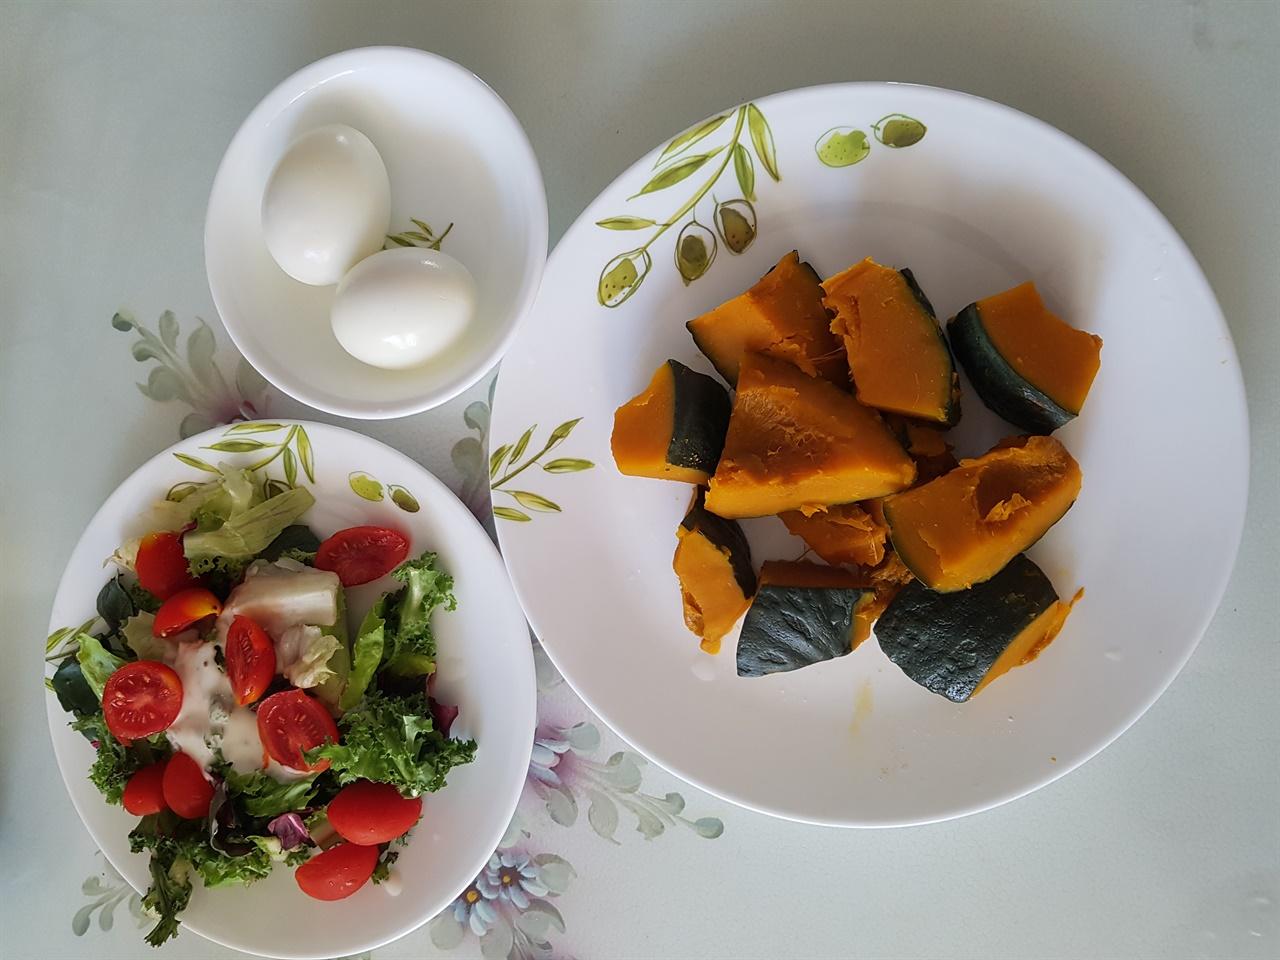 단호박을 찌고 야채와 계란을 곁들인 아침 상